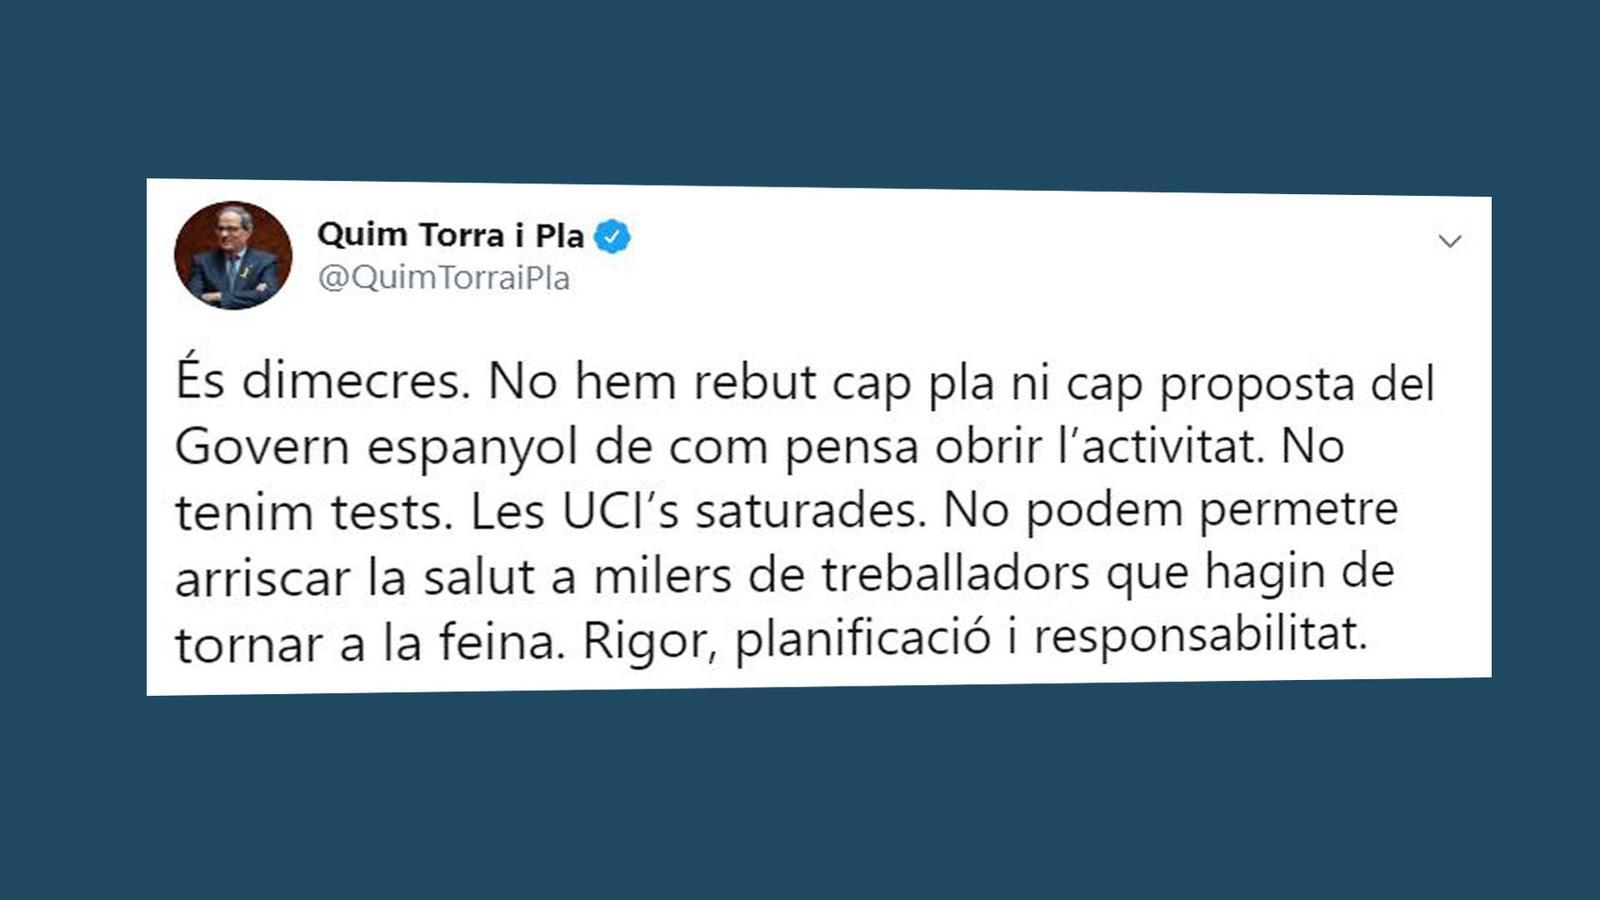 Les residències en mans de Salut i l'OMS diu que no és moment de relaxar mesures: les claus del vespre amb Antoni Bassas (08/04/2020)